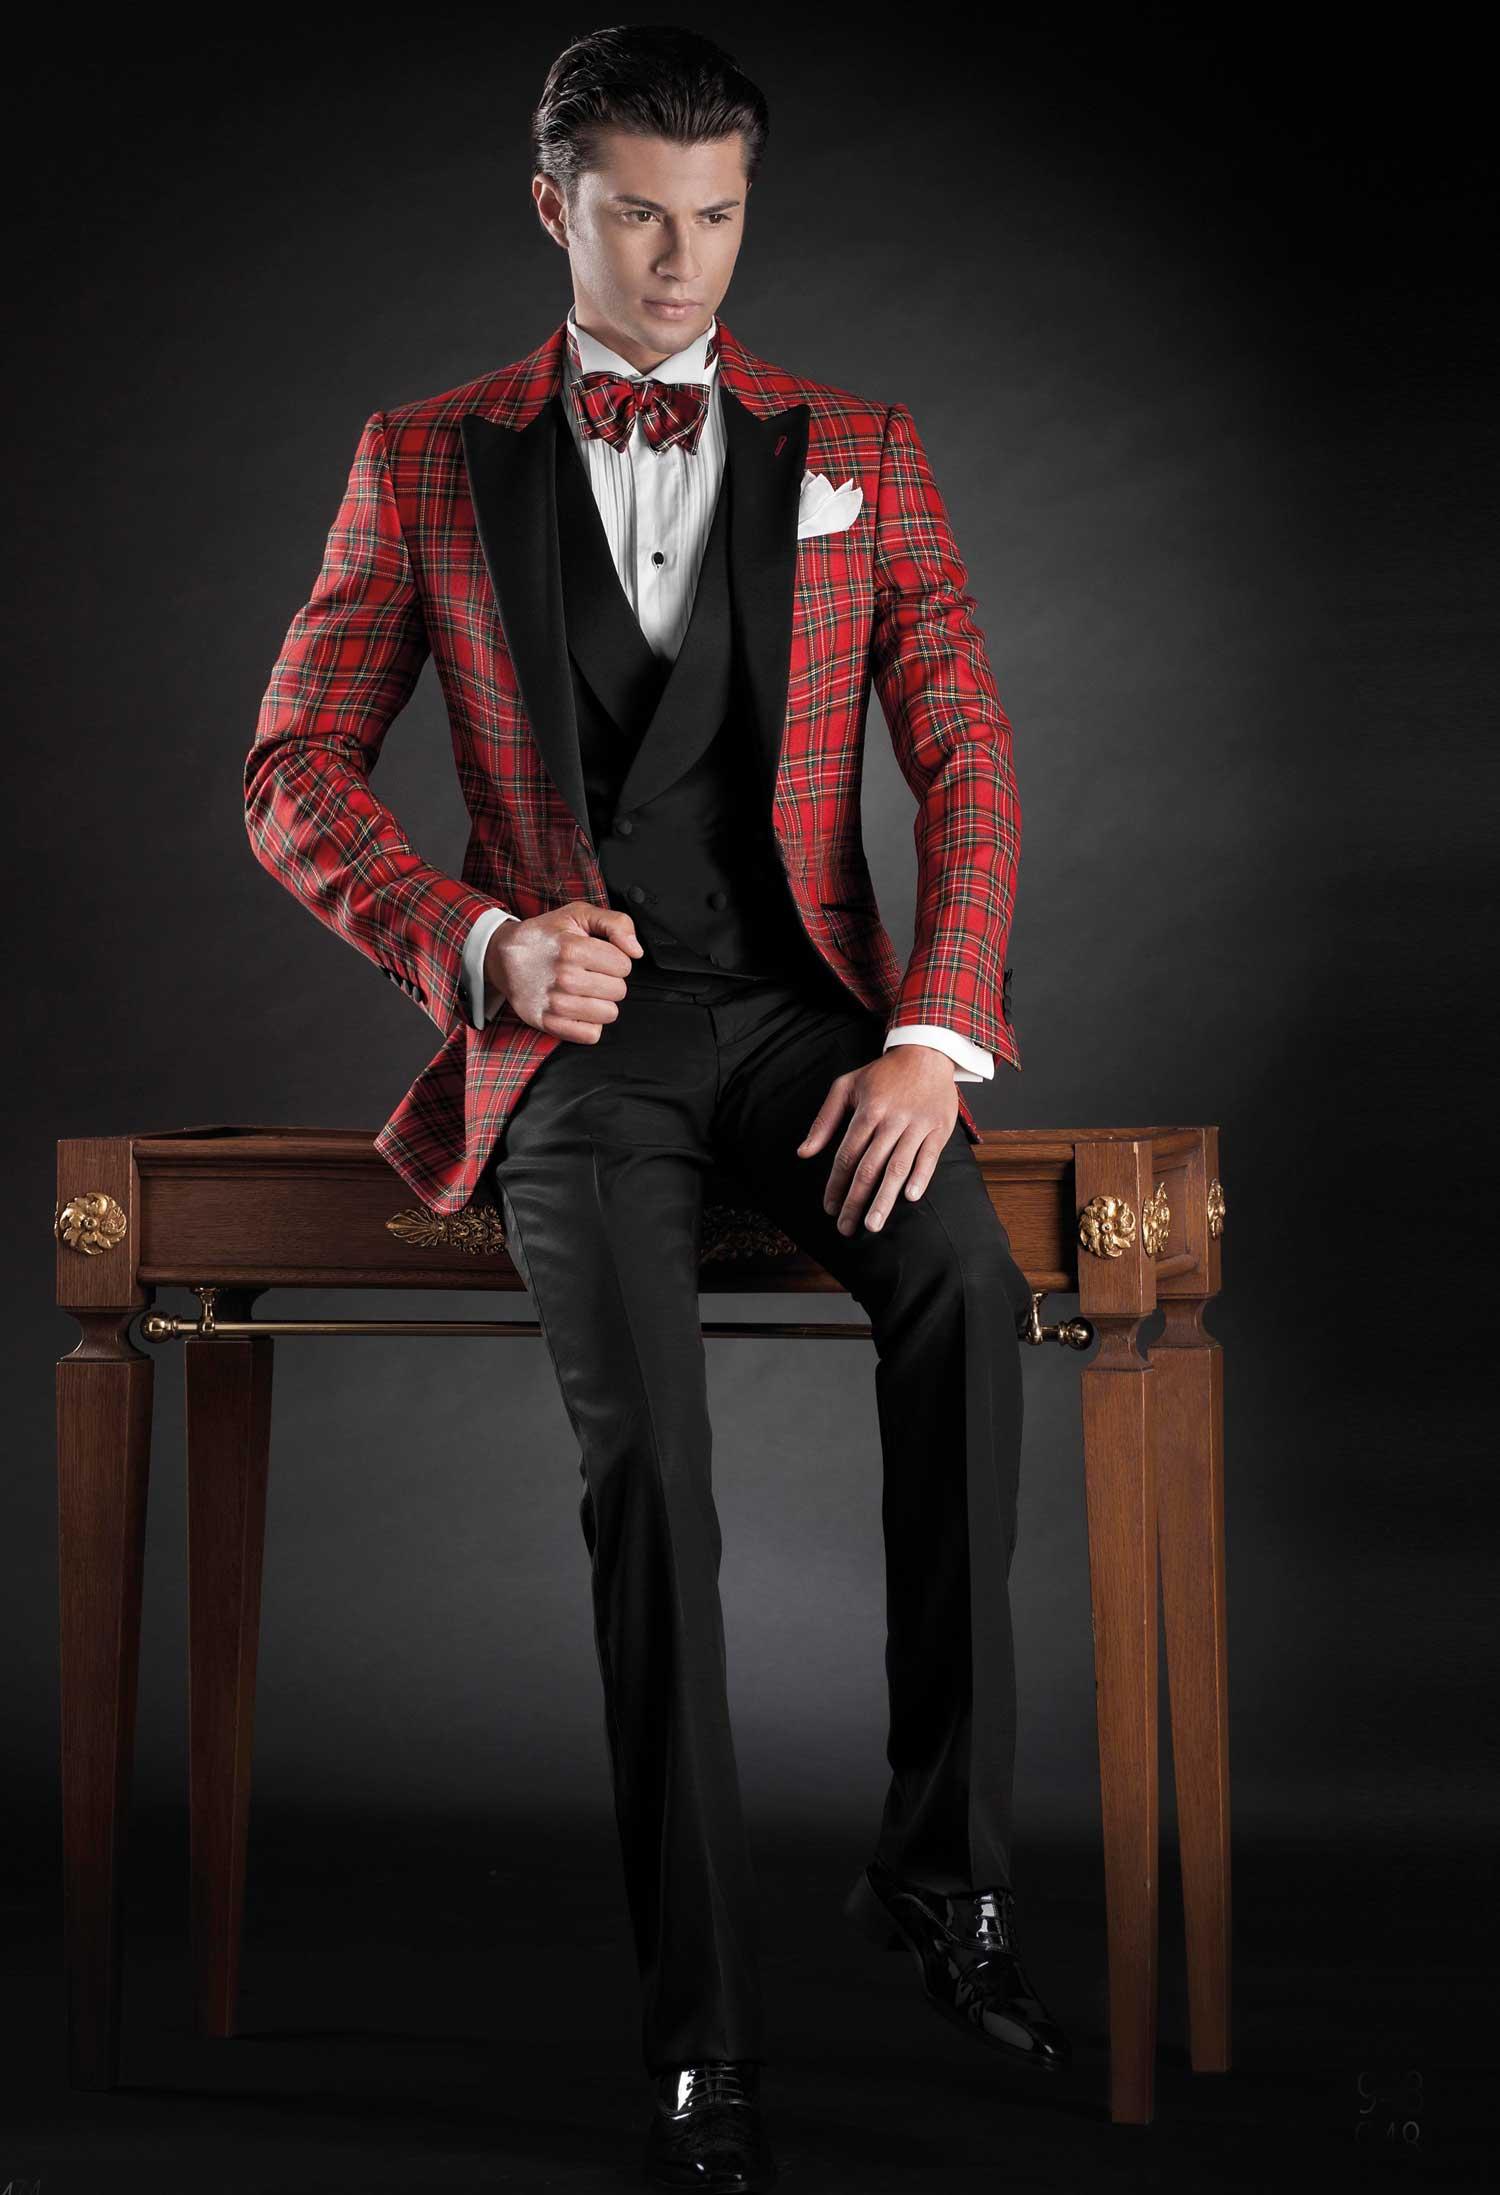 Vestito Matrimonio Uomo Torino : Abito da cerimonia uomo torino » abiti cerimonia uomo torino su da